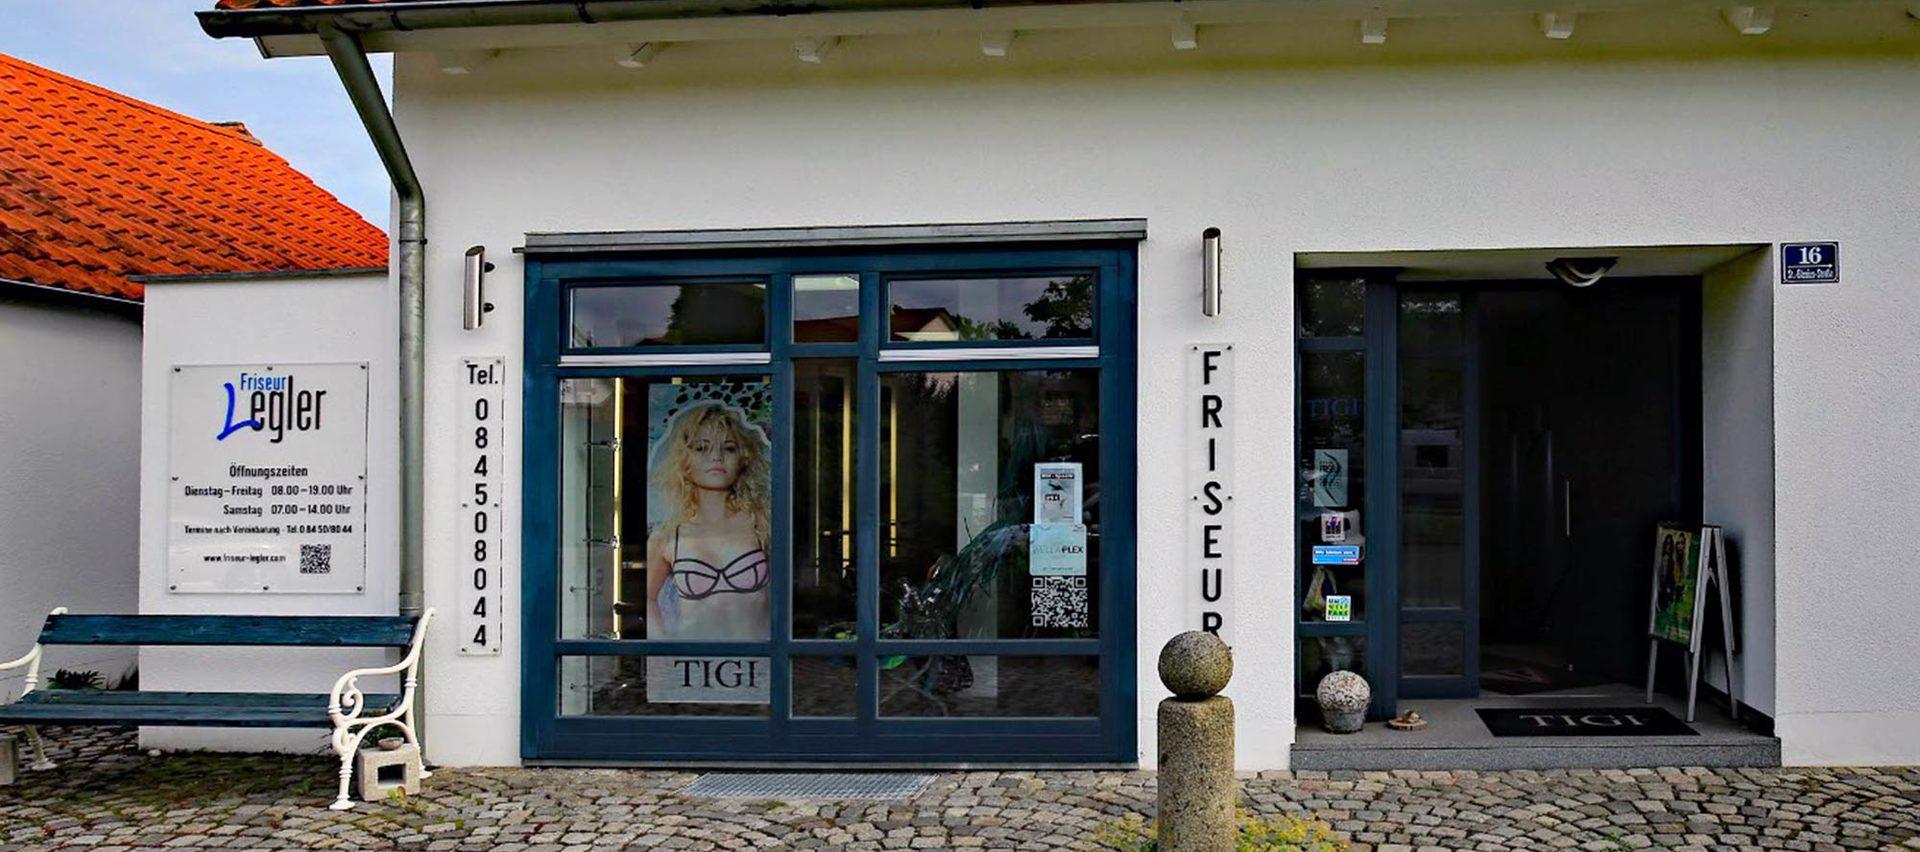 Friseur Legler Außenansicht Salon